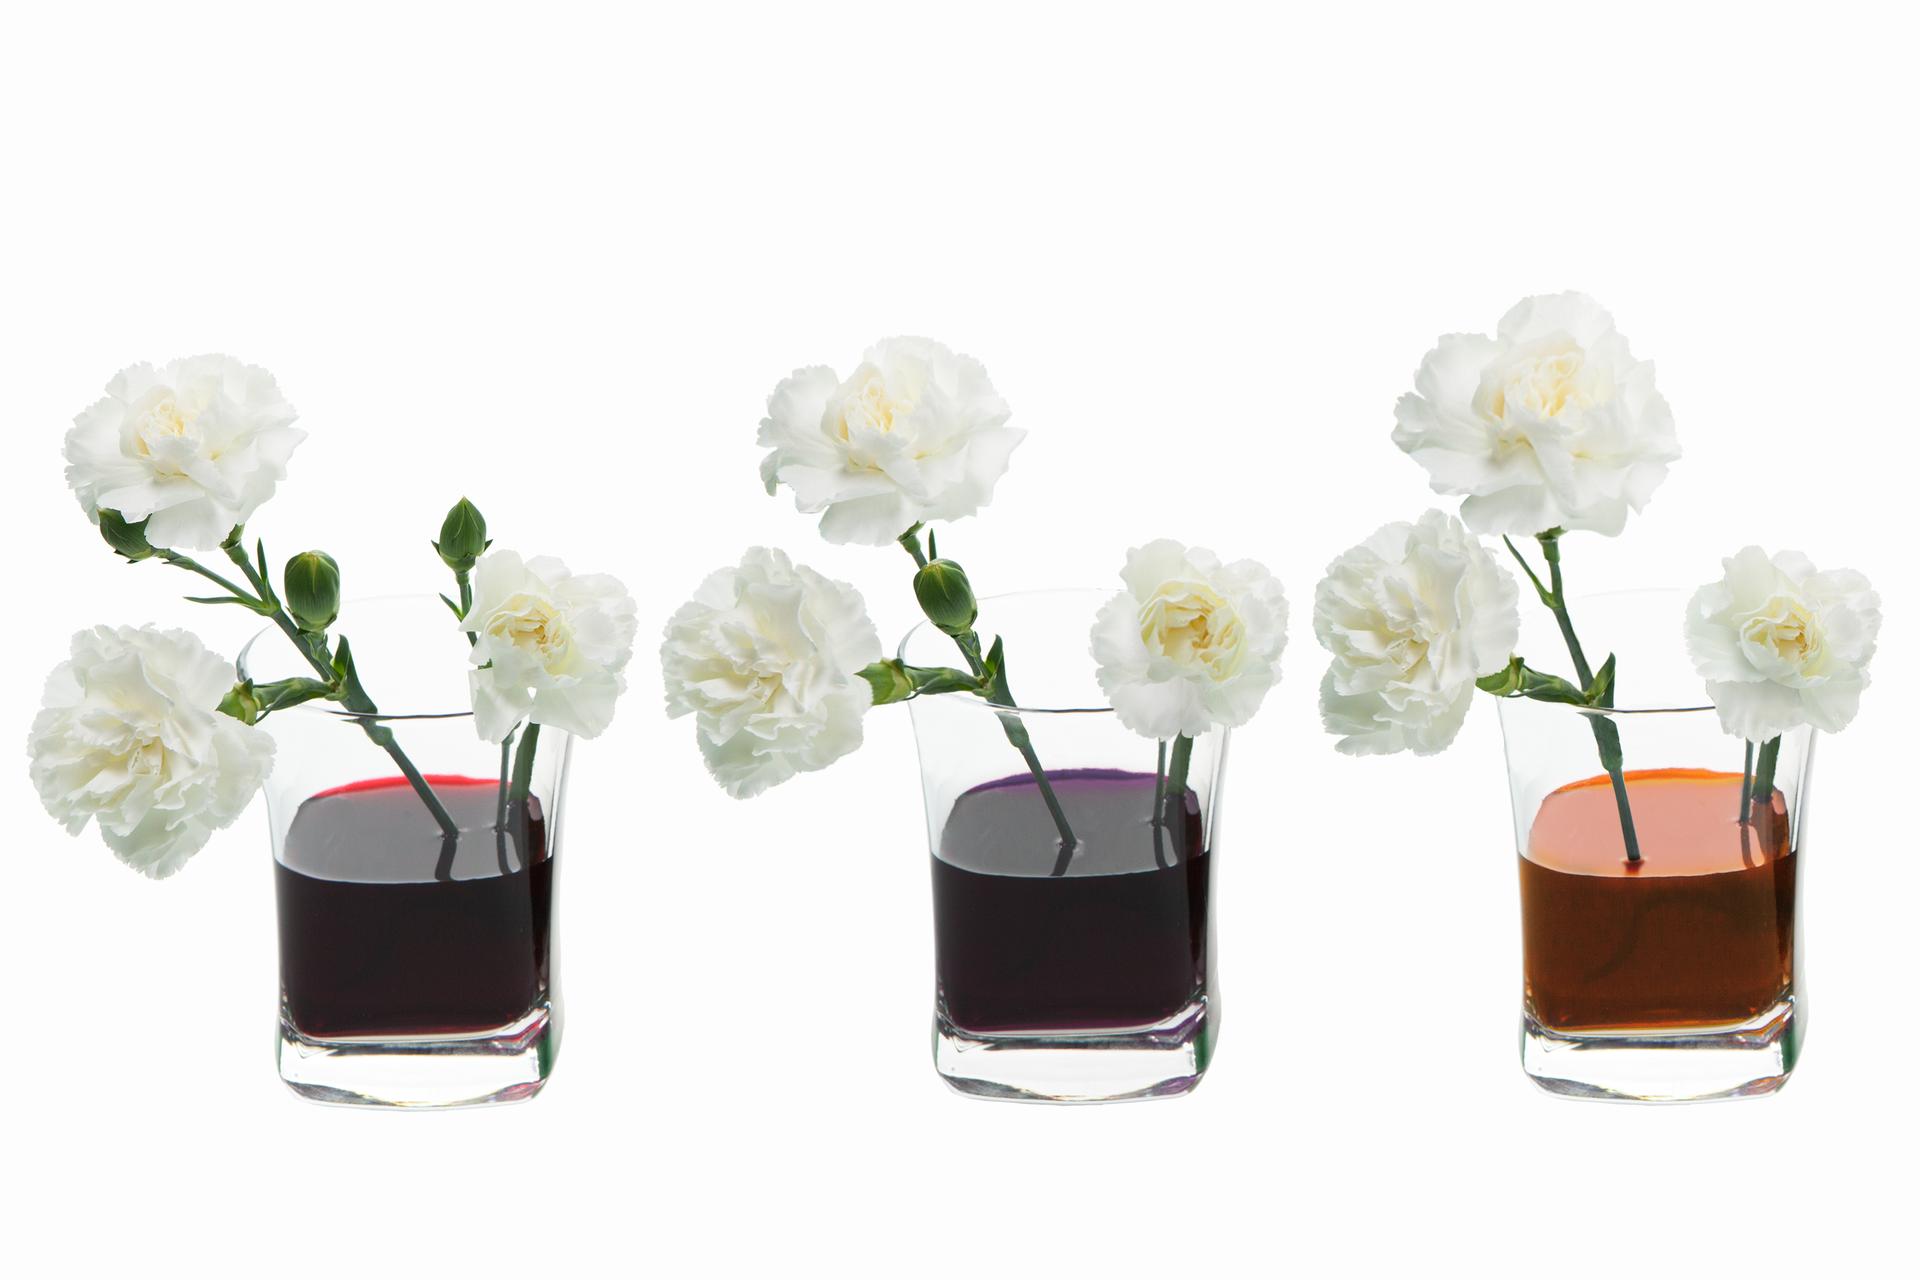 Zdjęcie trzech szklanek wypełnionych wodą oróżnym zabarwieniu, zielonym, niebieskim iczerwonym. Wszklankach umieszczone są po trzy kwiaty koloru białego.